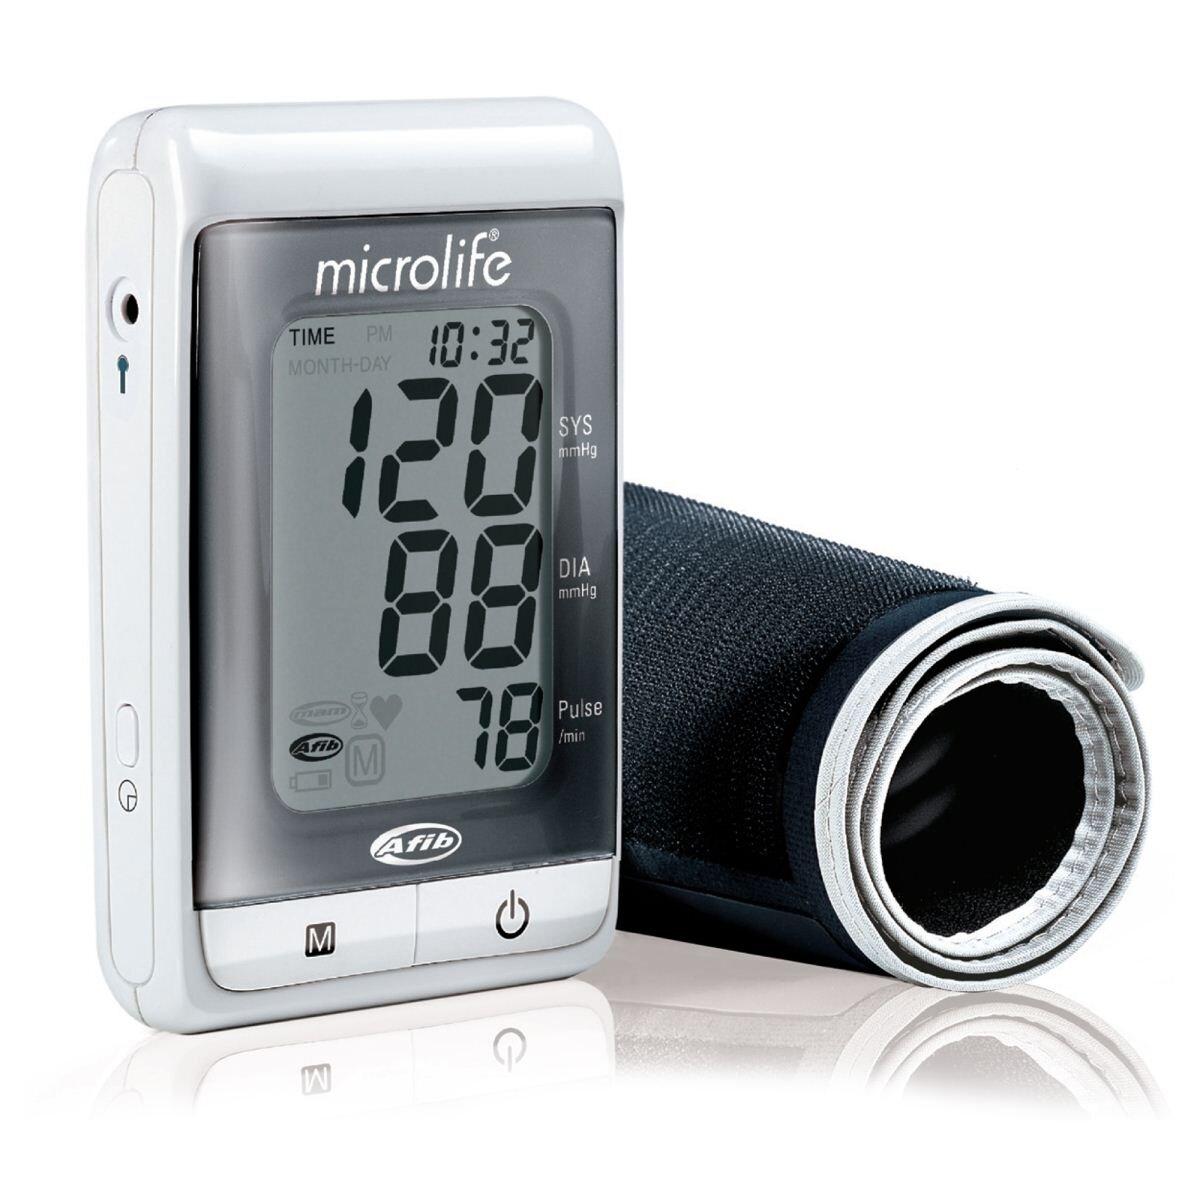 Hướng dẫn cách sử dụng máy đo huyết áp Microlife